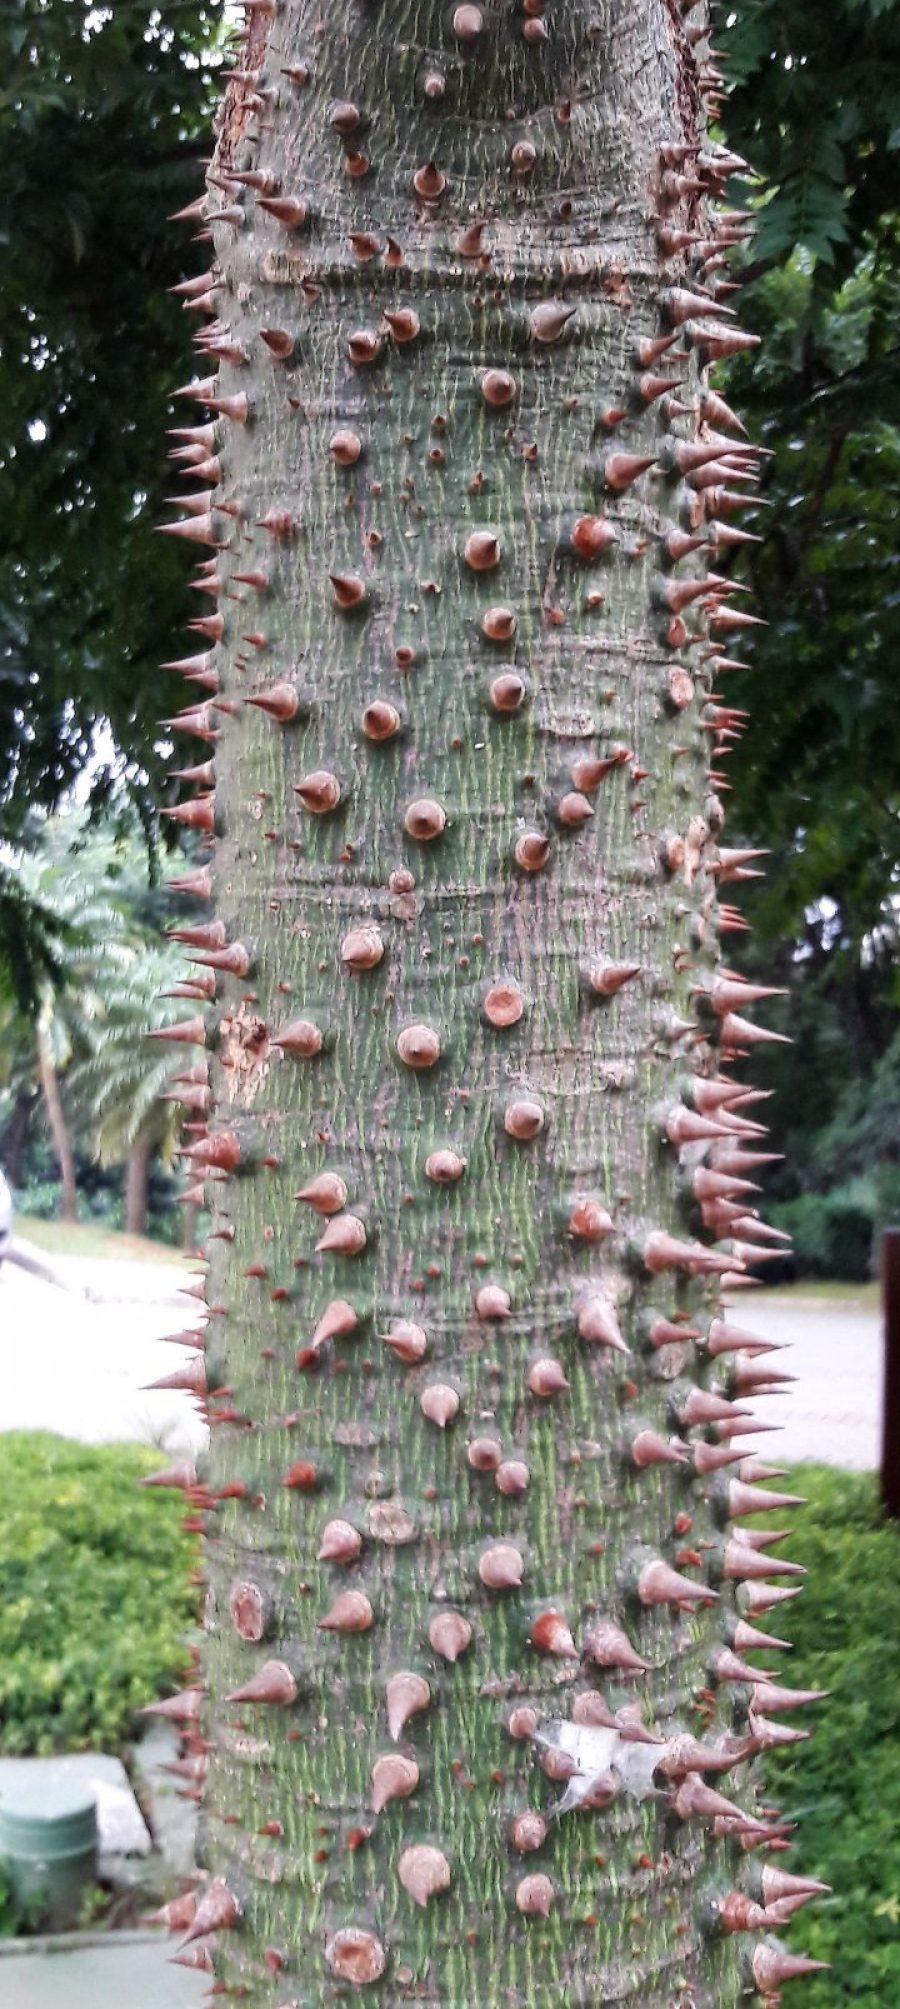 Espinhos do tronco de uma paineira jovem. A árvore é um dos mais belos exemplares da Mata Atlântica e é muito empregada em paisagismo, principalemnte em grandes jardins e canteiros de ruas e avenidas.